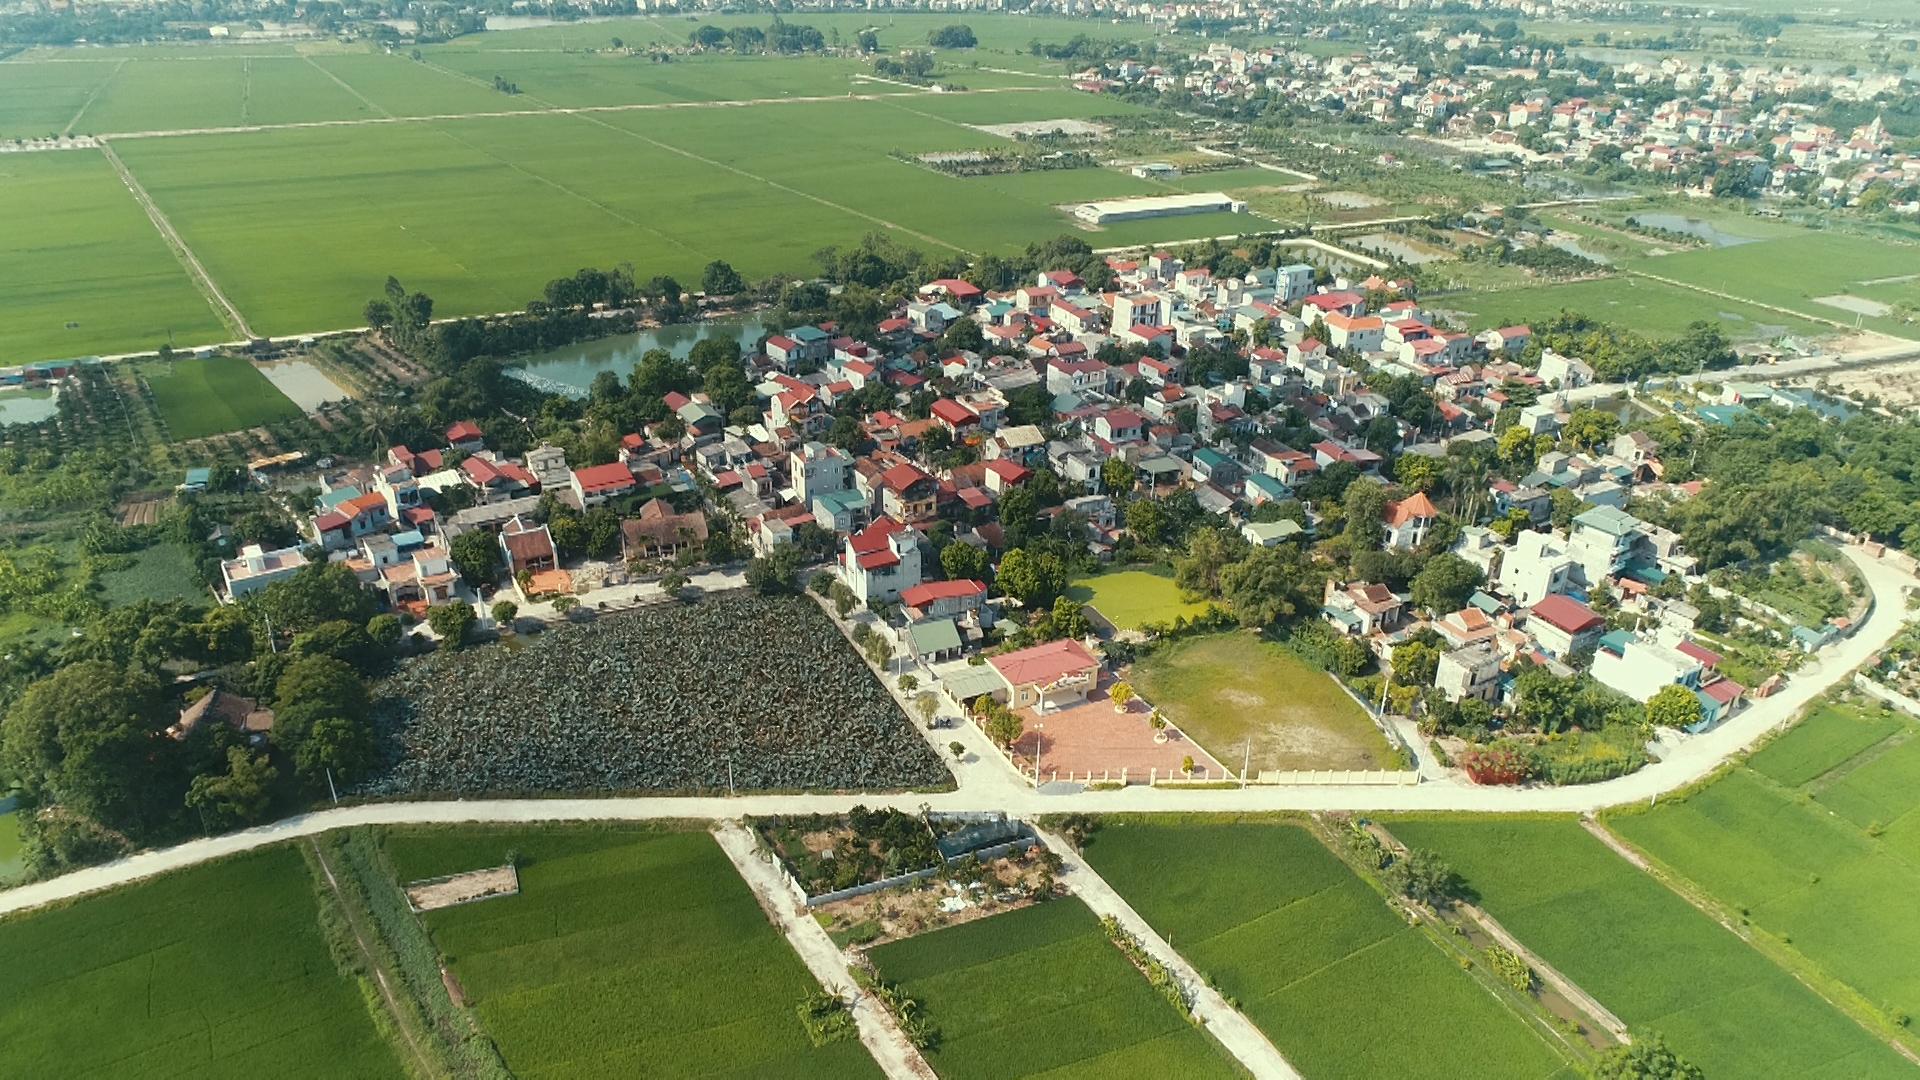 Huyện Thường Tín đấu giá 34 thửa đất, khởi điểm từ 5 triệu đồng/m2 - Ảnh 1.